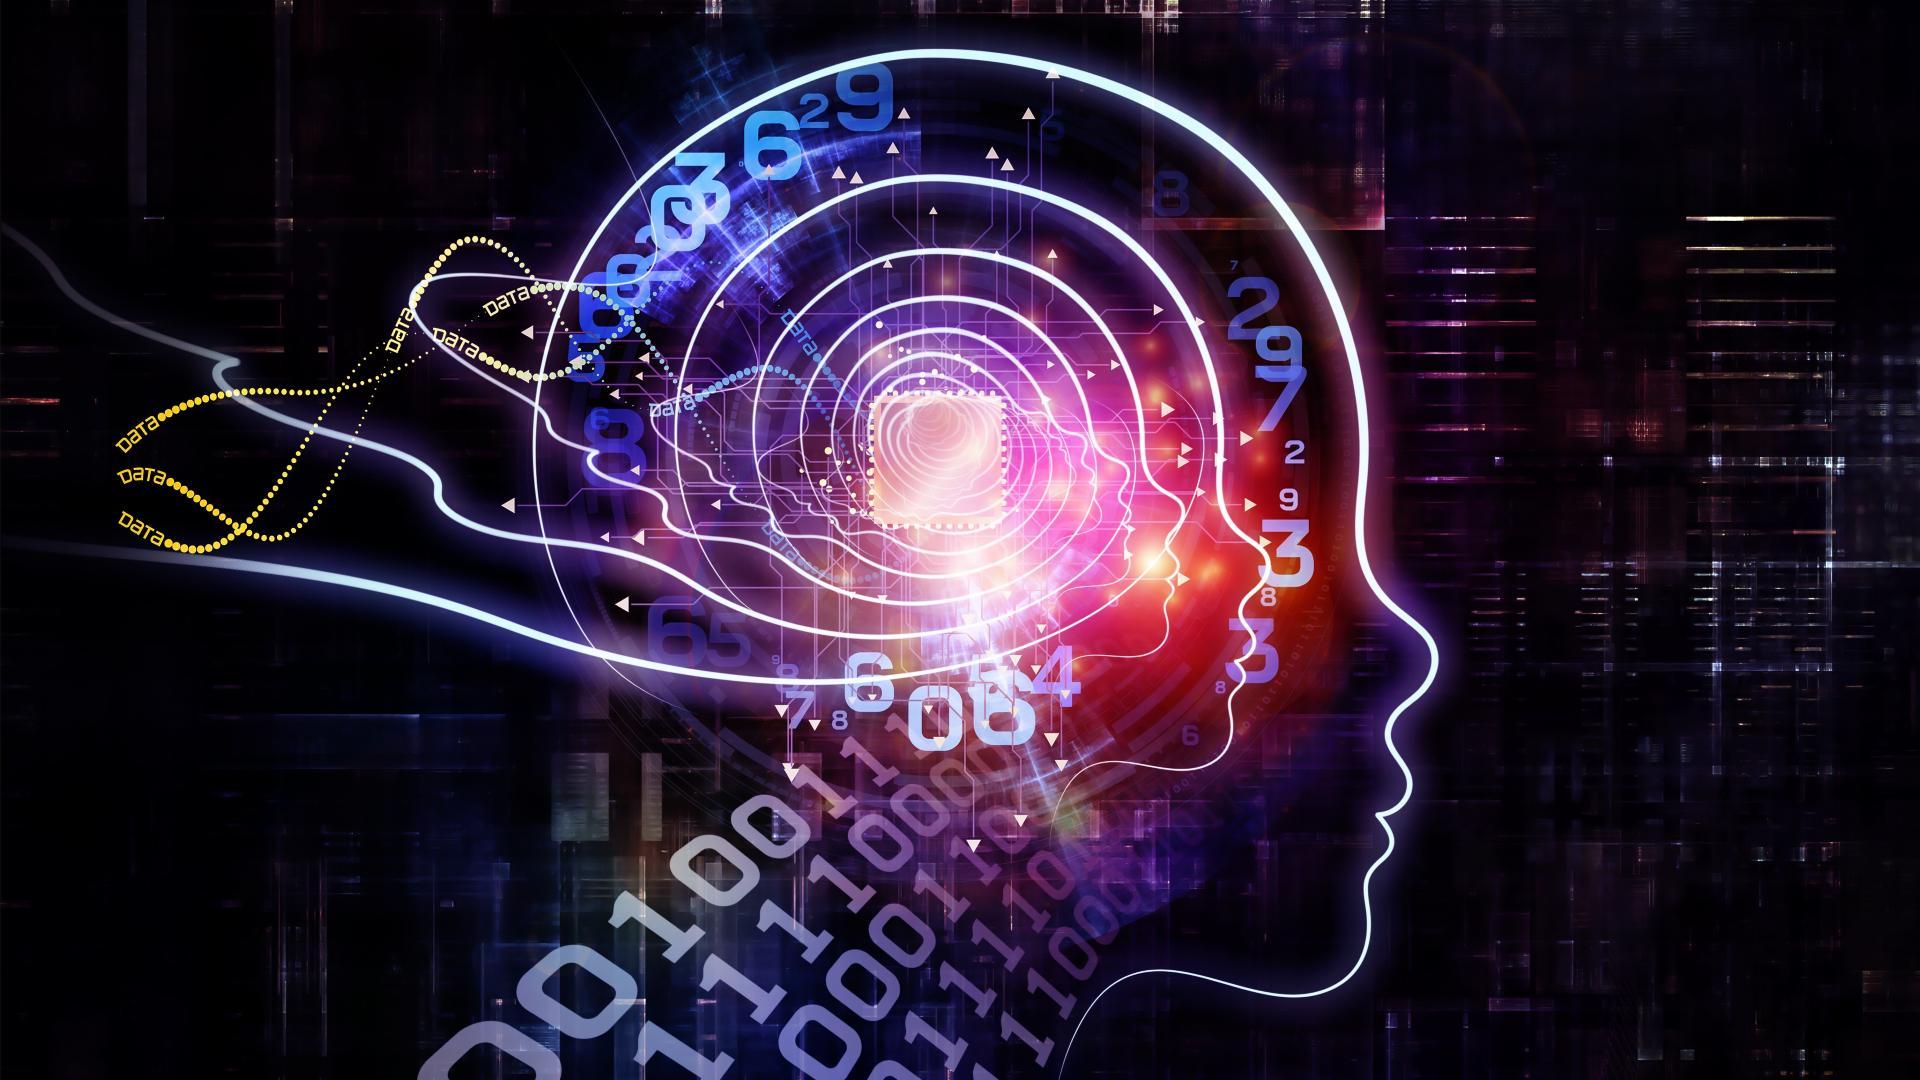 Как улучшить мозг. Выпуск 18. Разговоры о будущем: химерный мозг и внешние интерфейсы